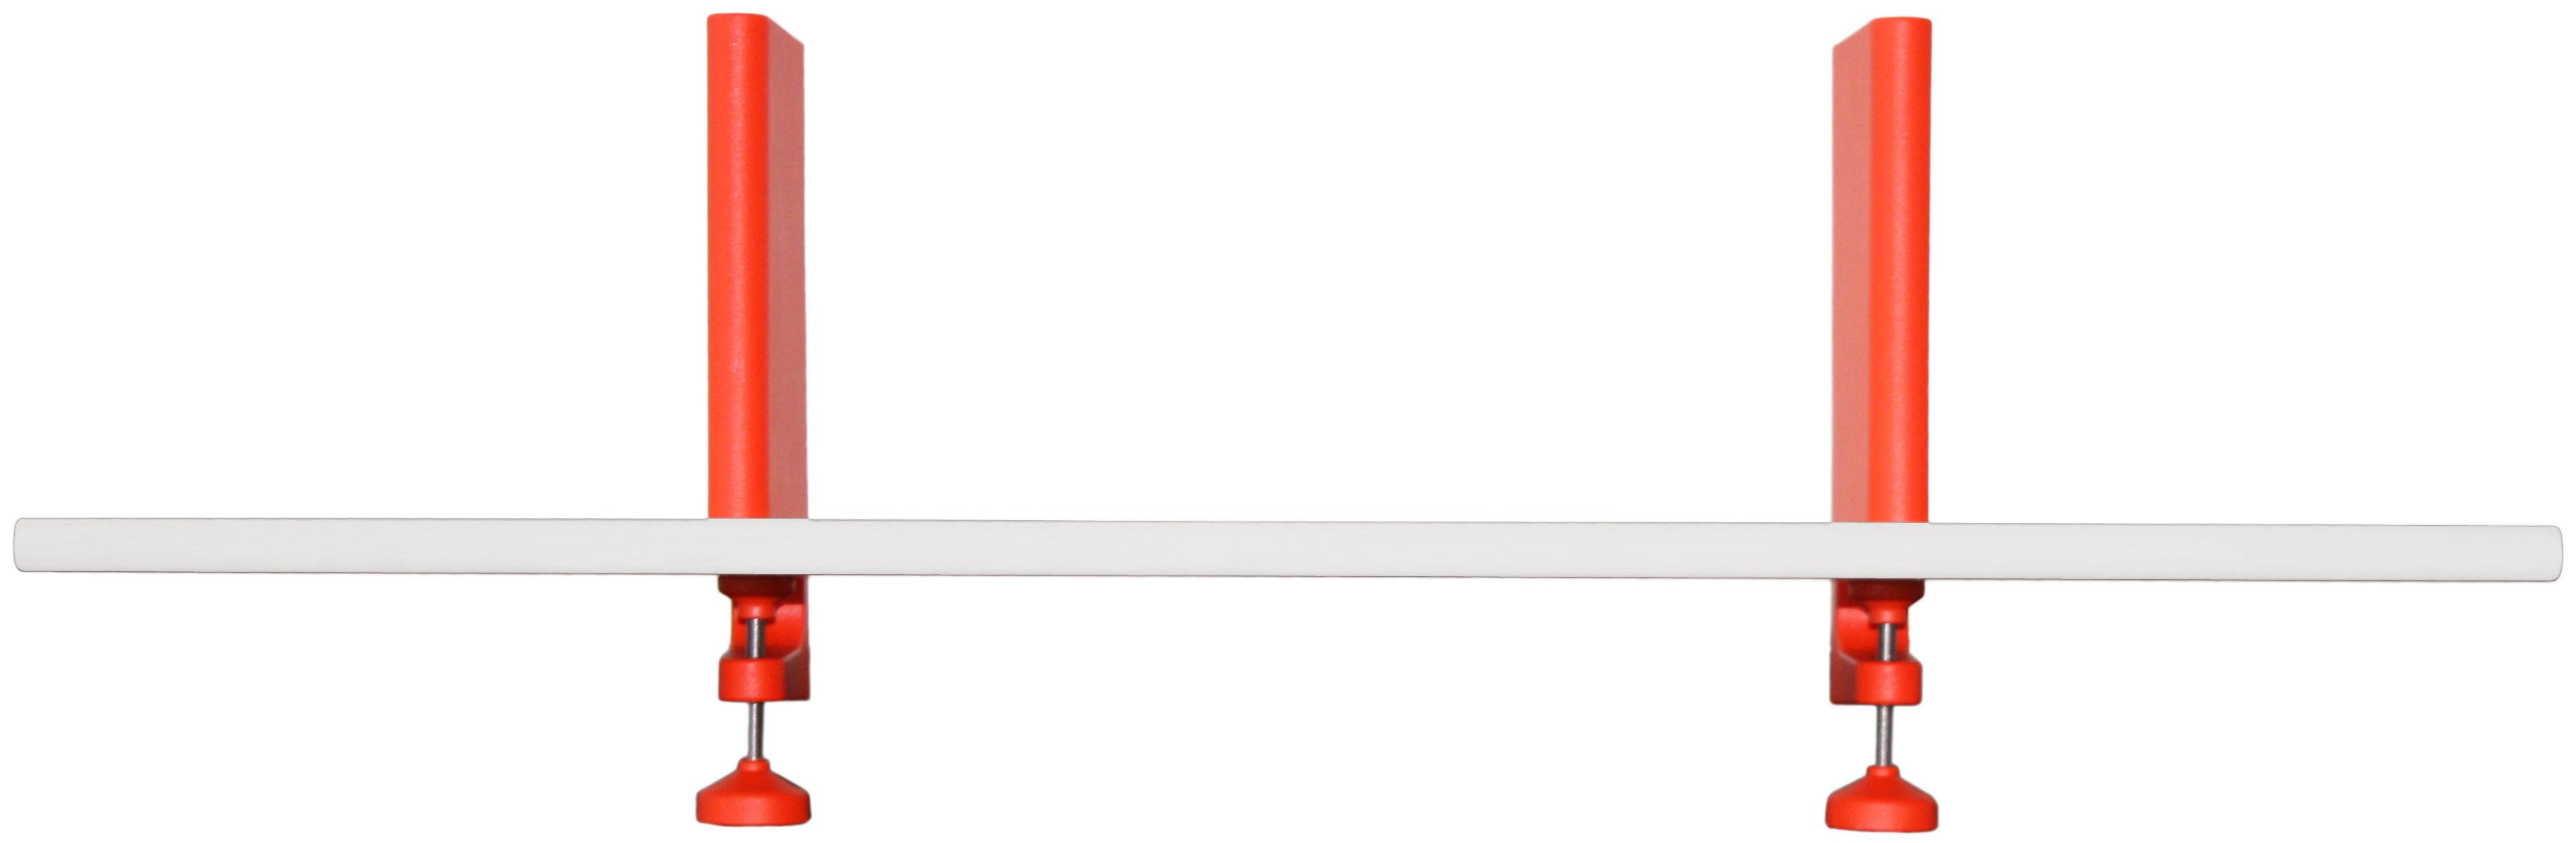 Möbel - Regale und Bücherregale - Spike - The Wild Bunch Regal / L 120 cm - Magis - Stahl, weiß - gefirnister Stahl